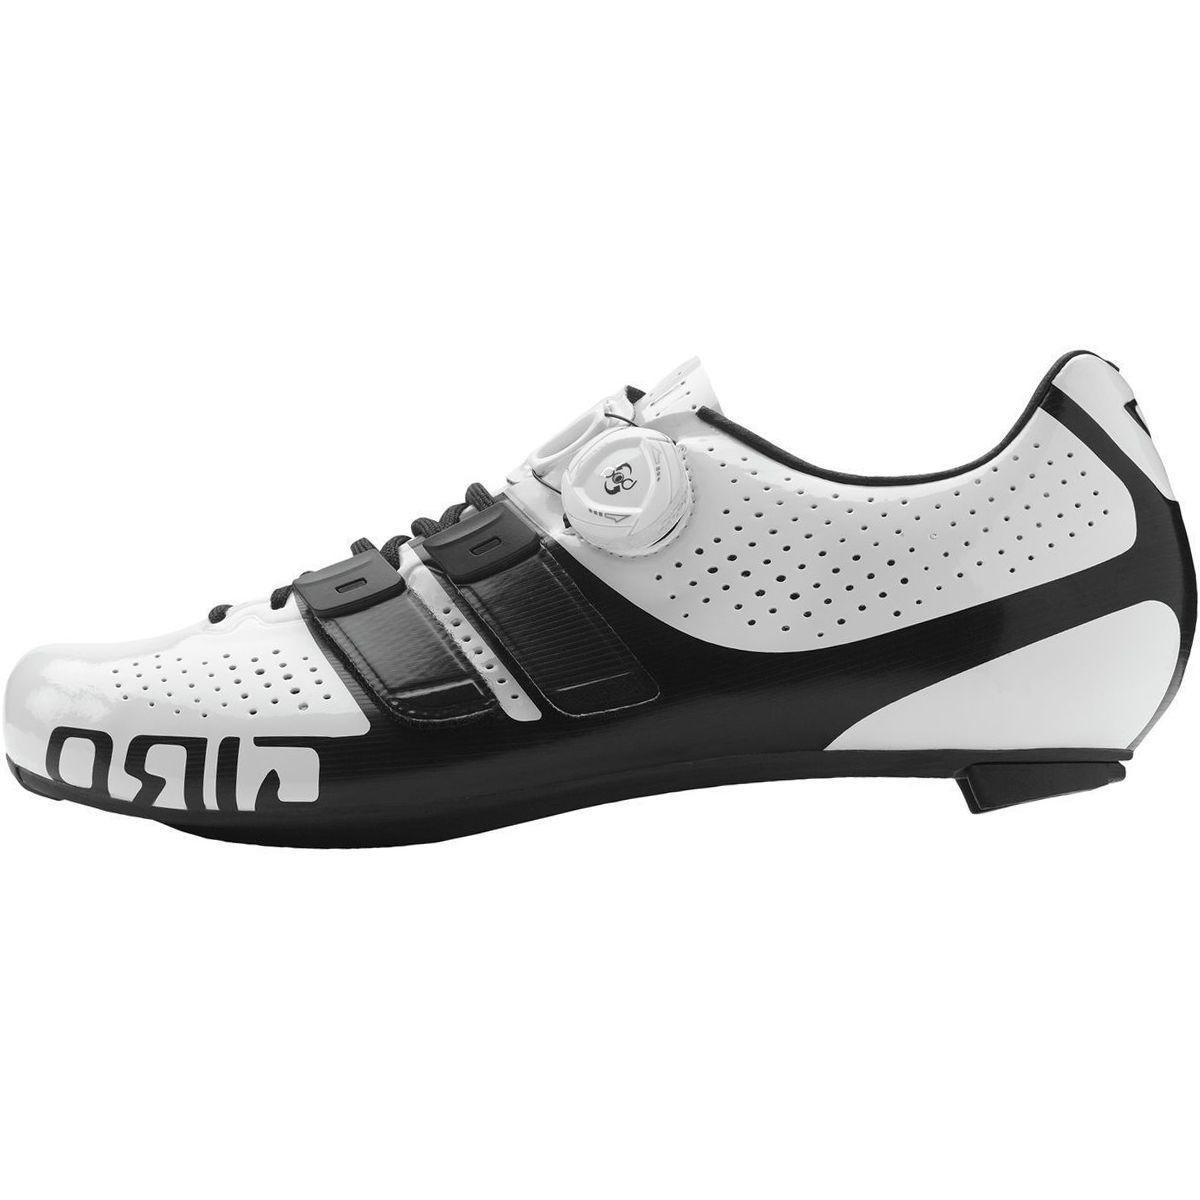 Giro Factor Techlace Cycling Shoe - Men's